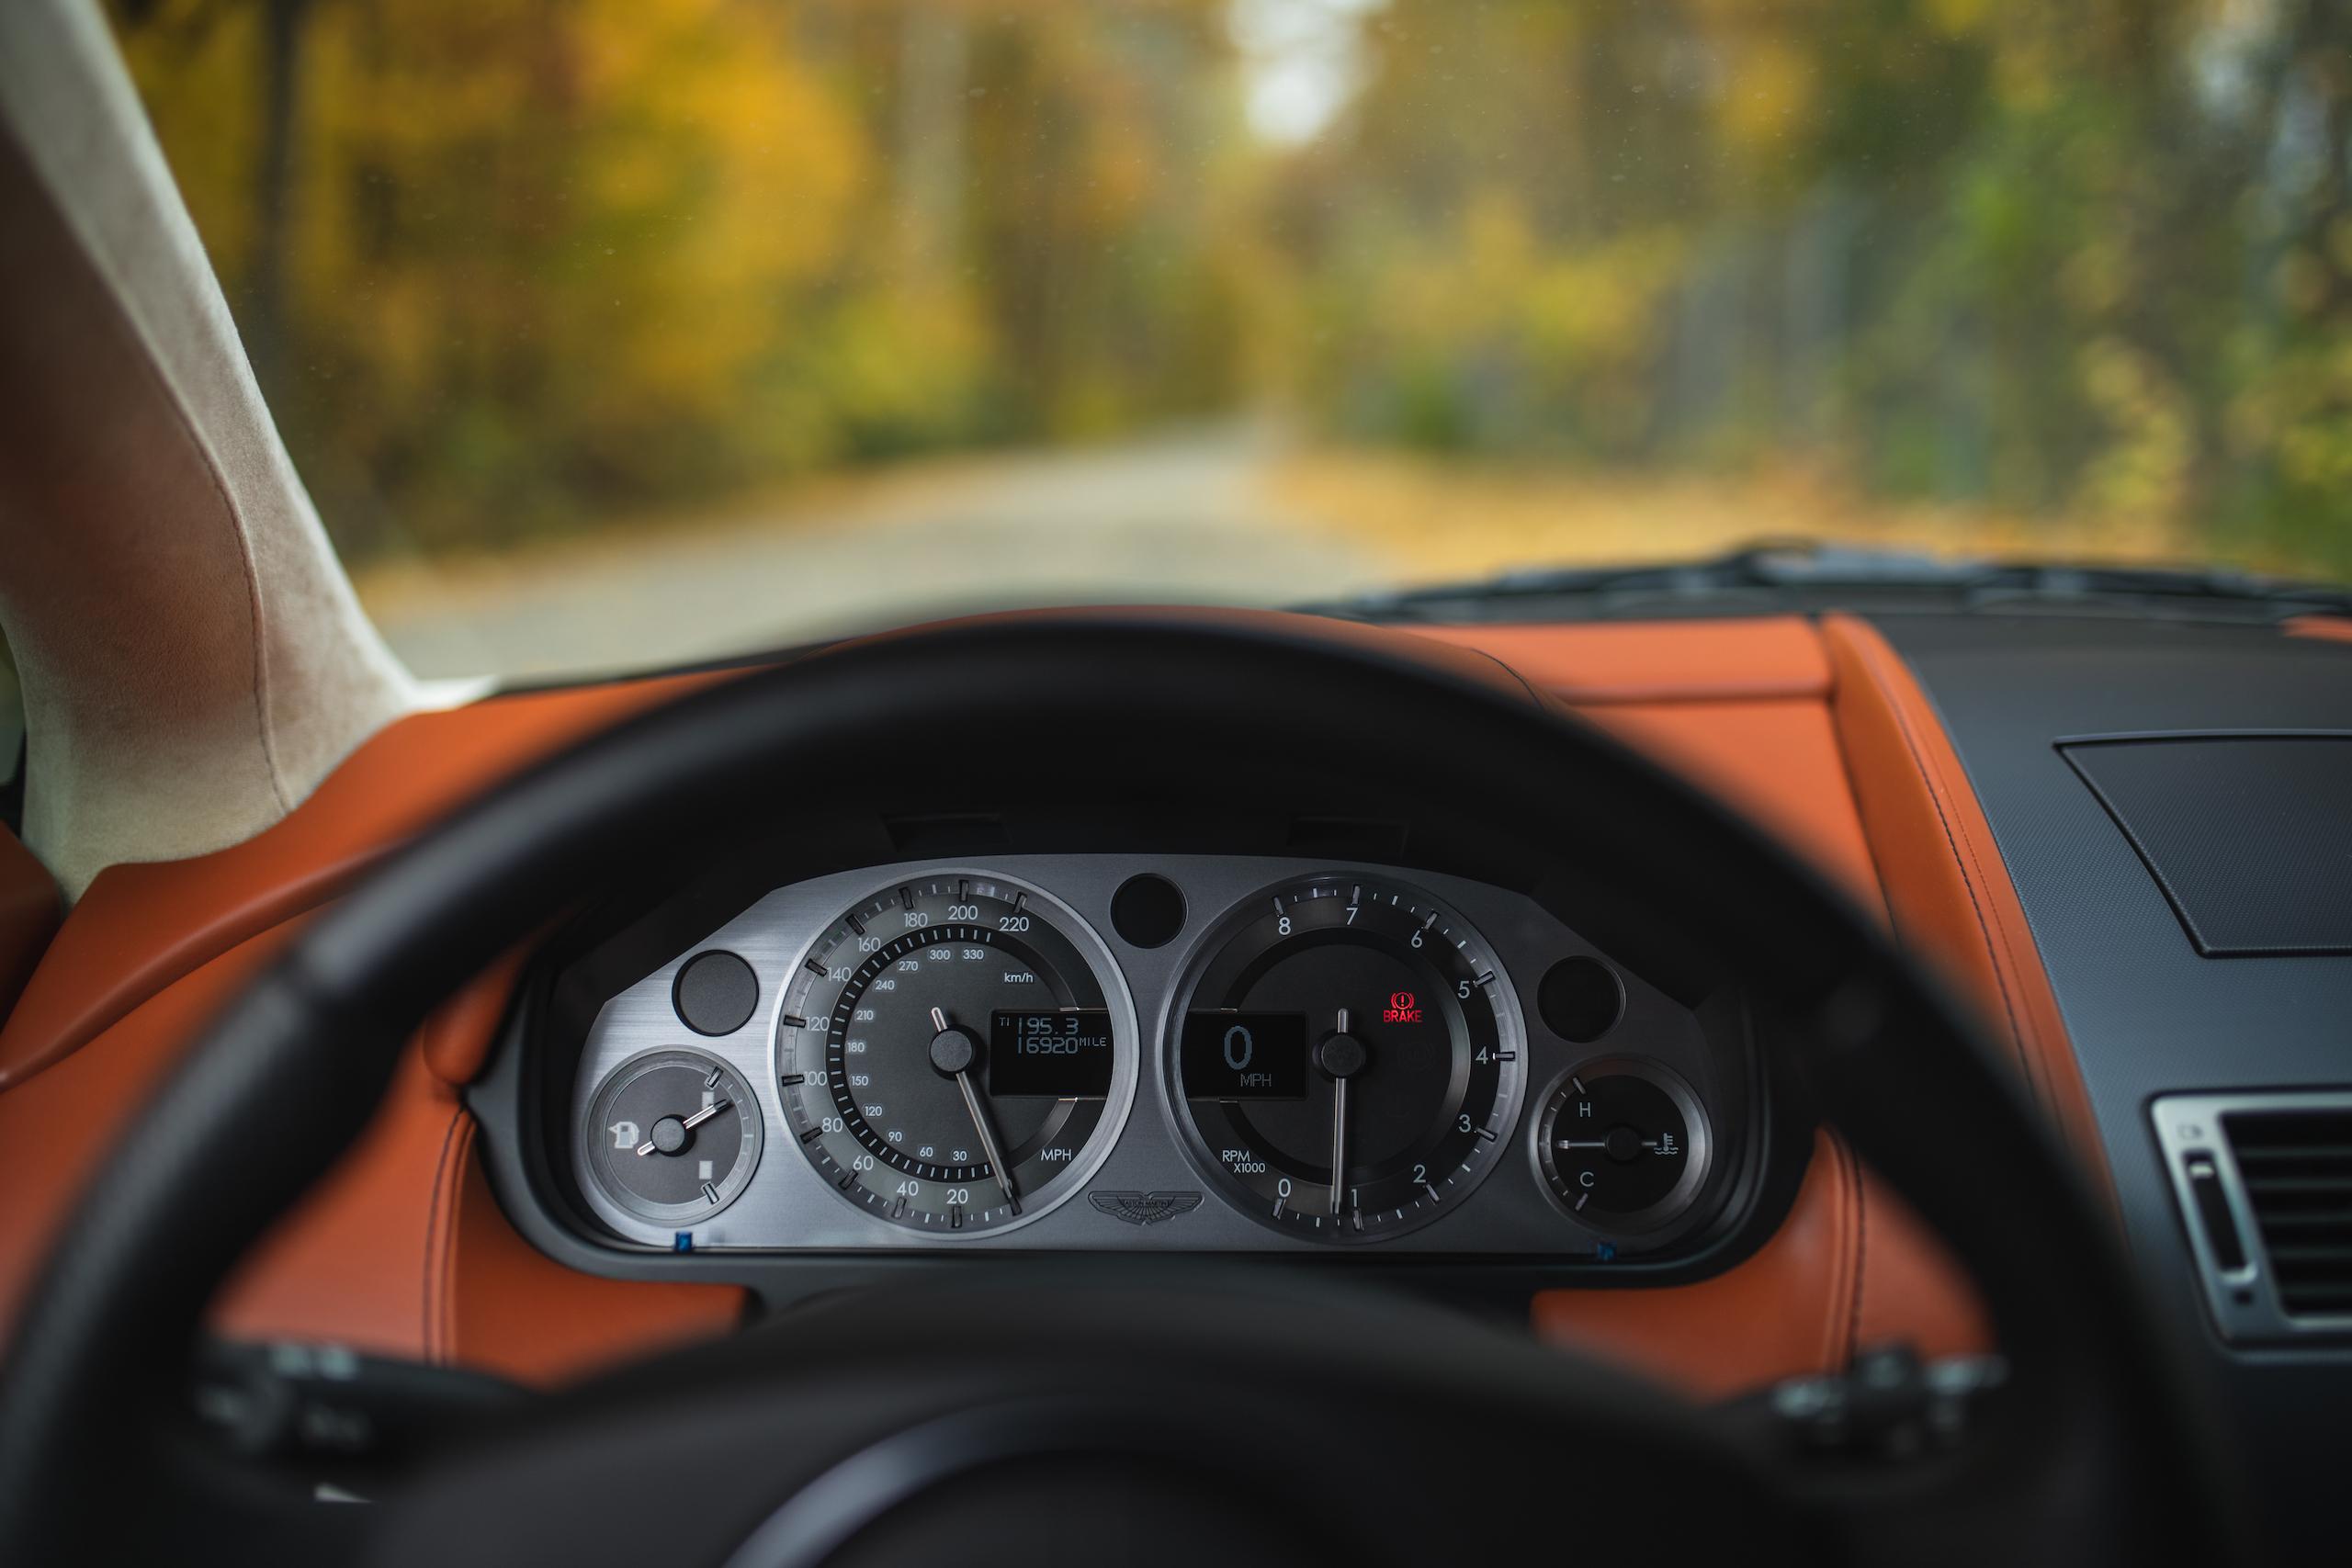 2007 Aston Martin Vantage V8 driver view